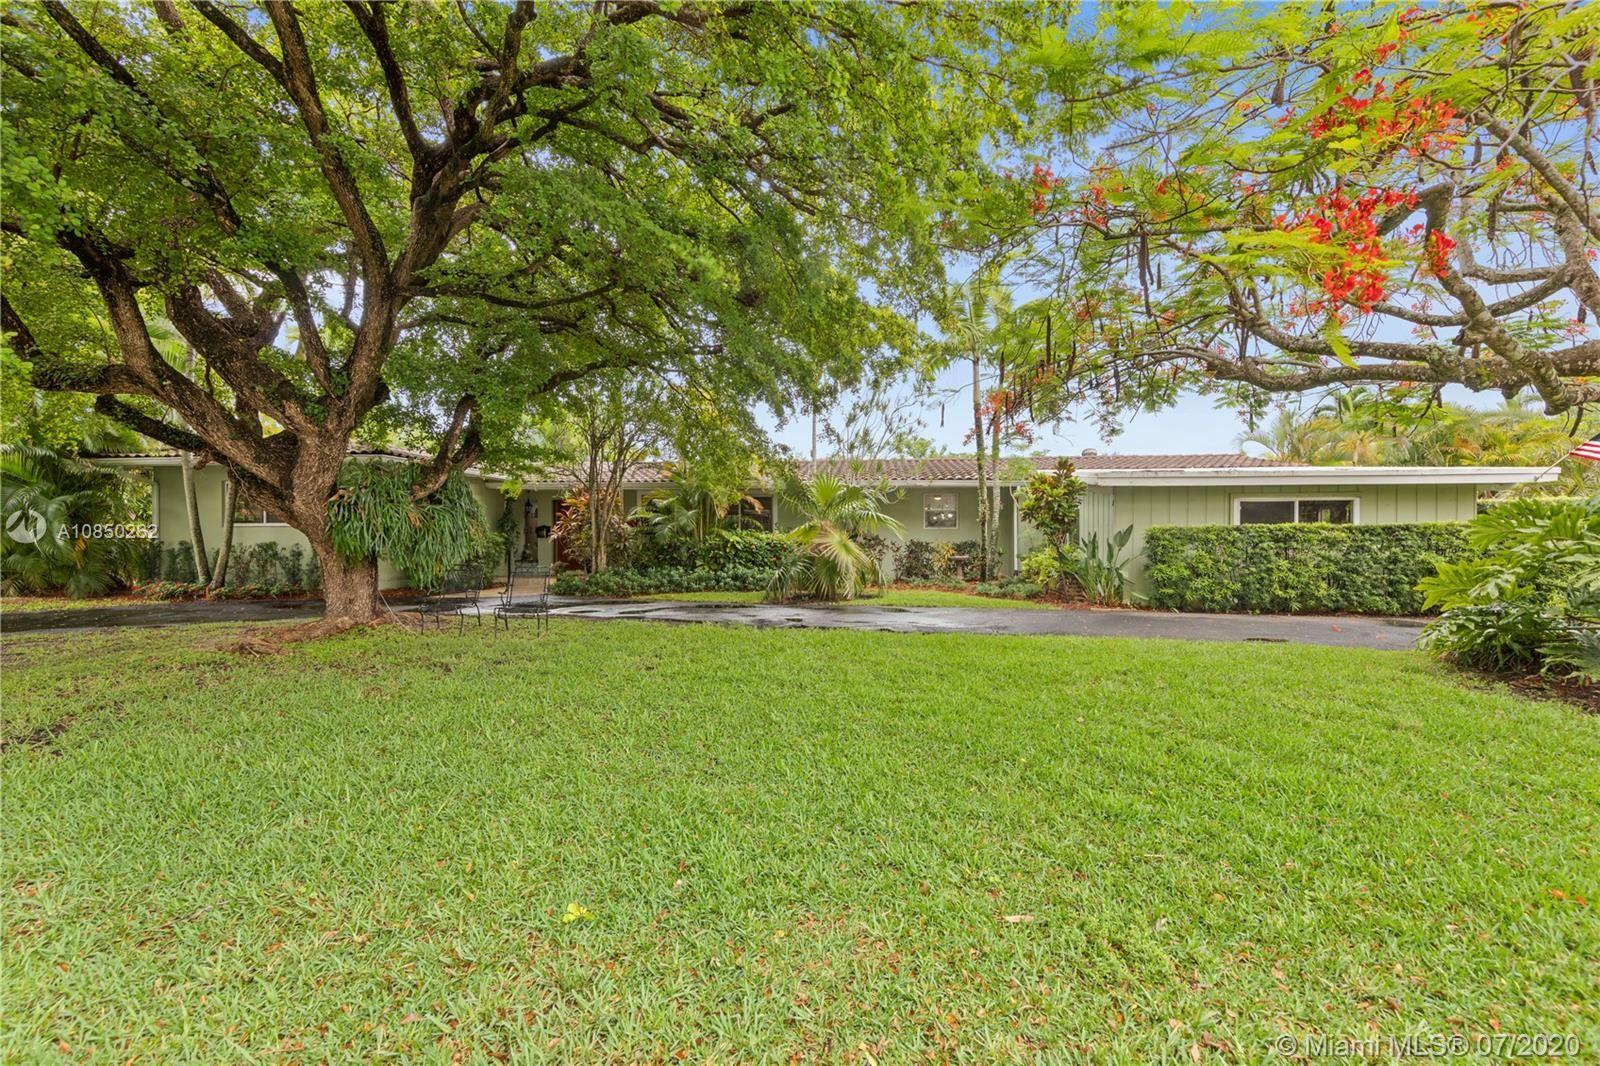 5540 SW 85 ST, Miami, FL 33143 - #: A10850262